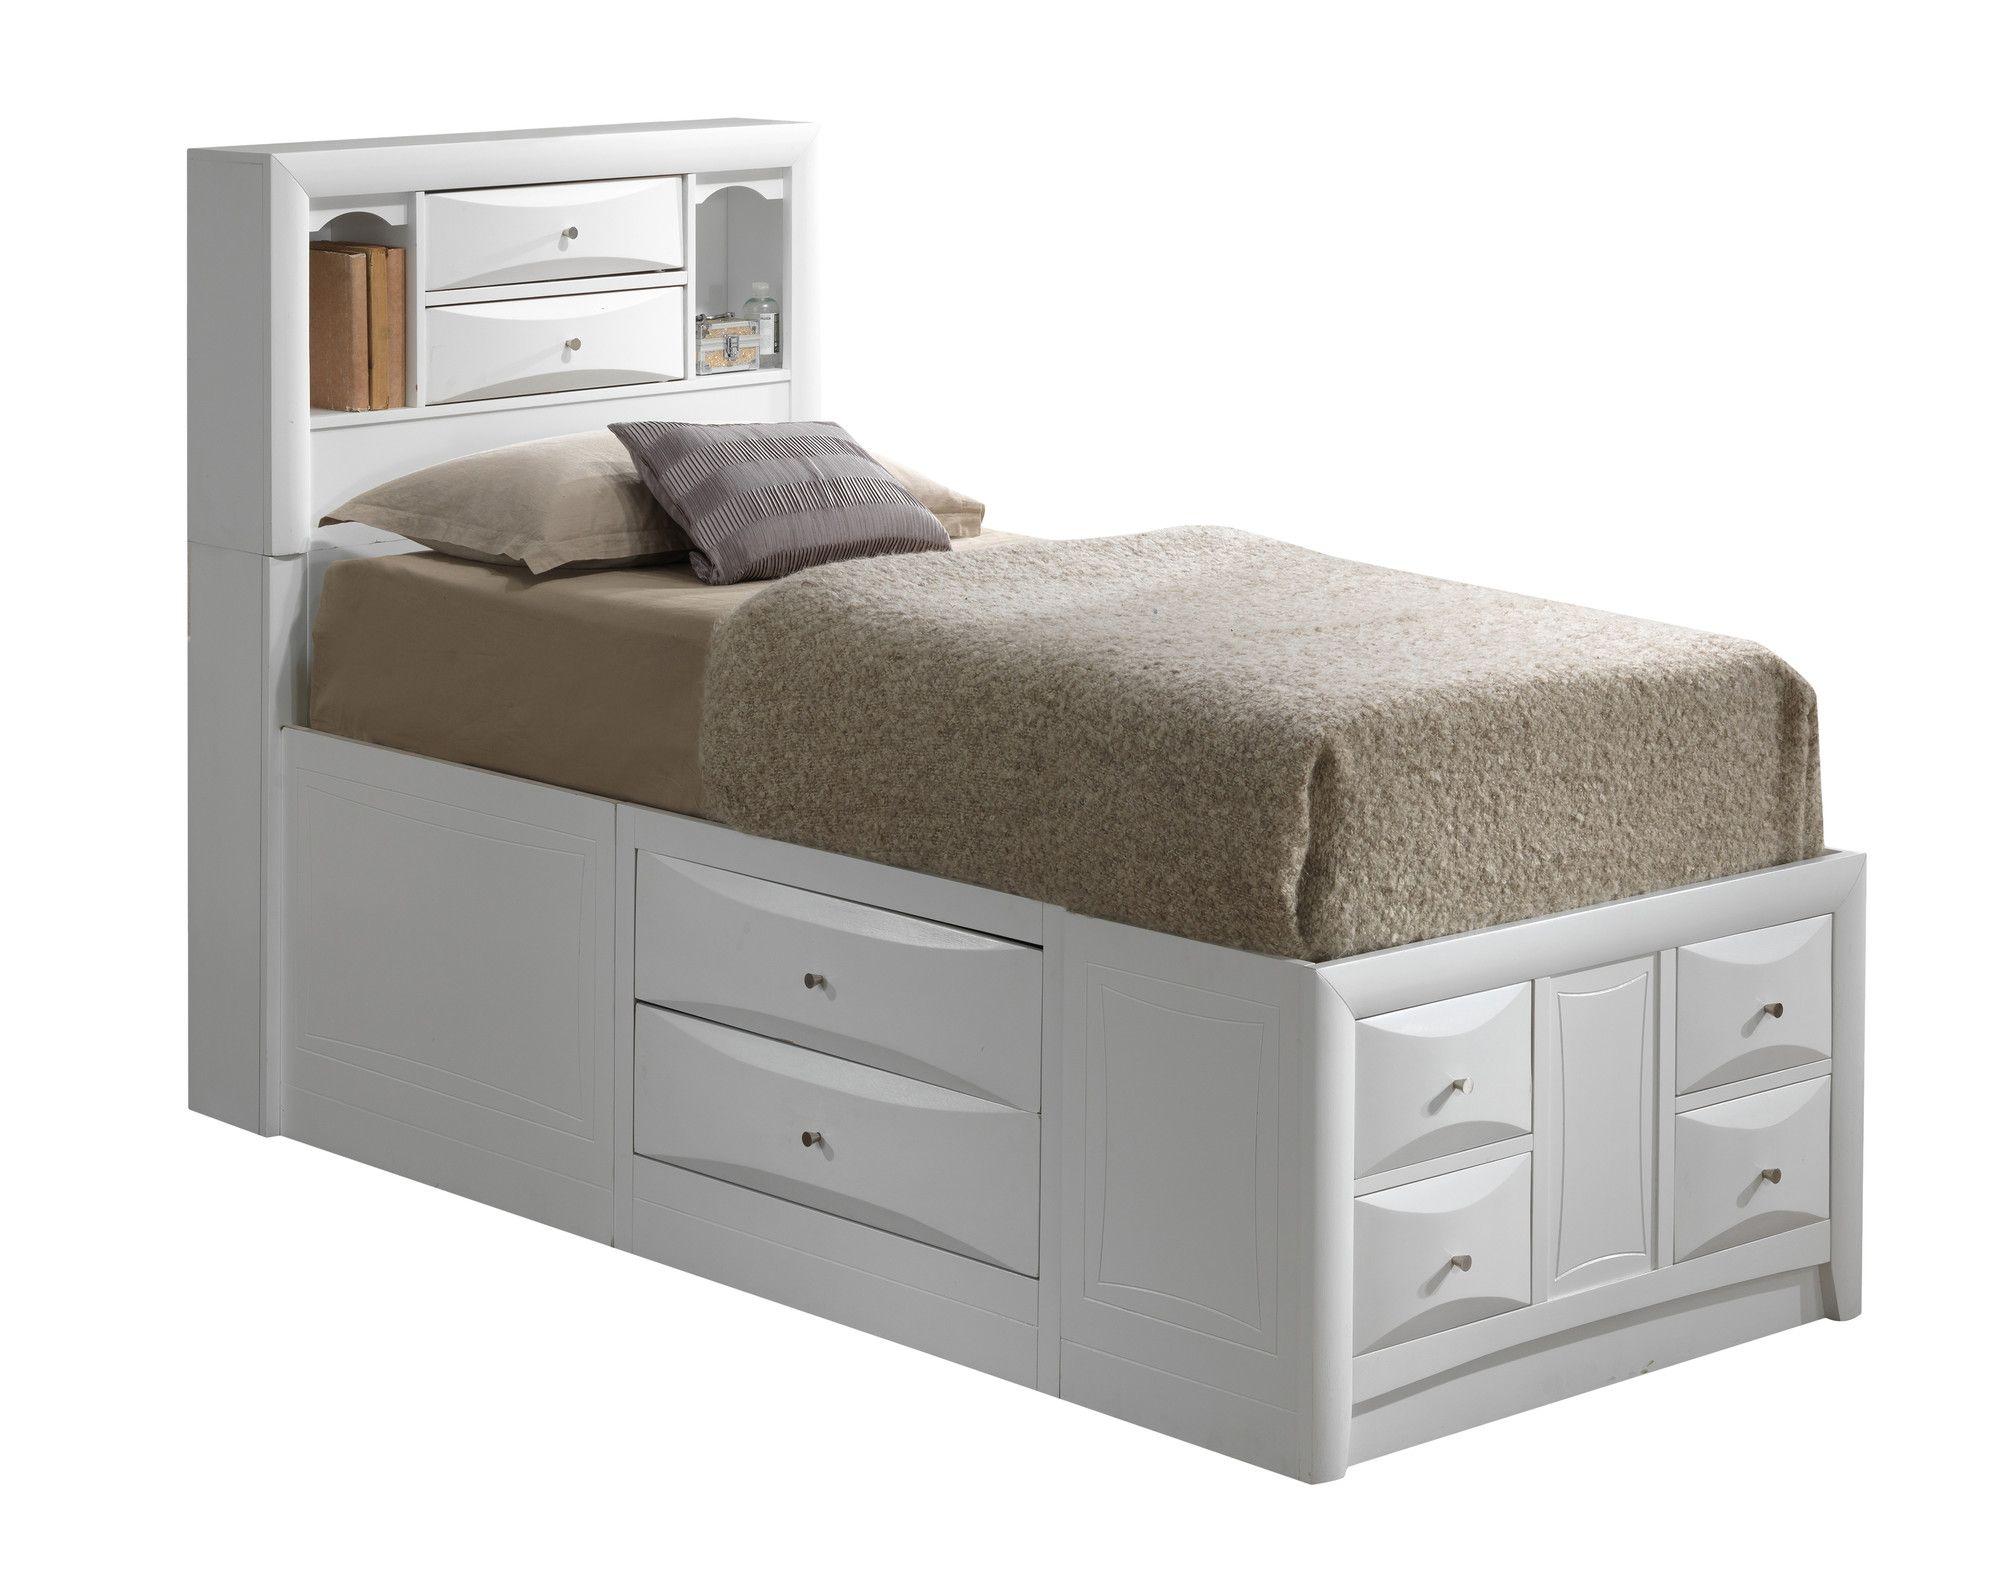 Medford Upholstered Platform Bed Upholstered platform